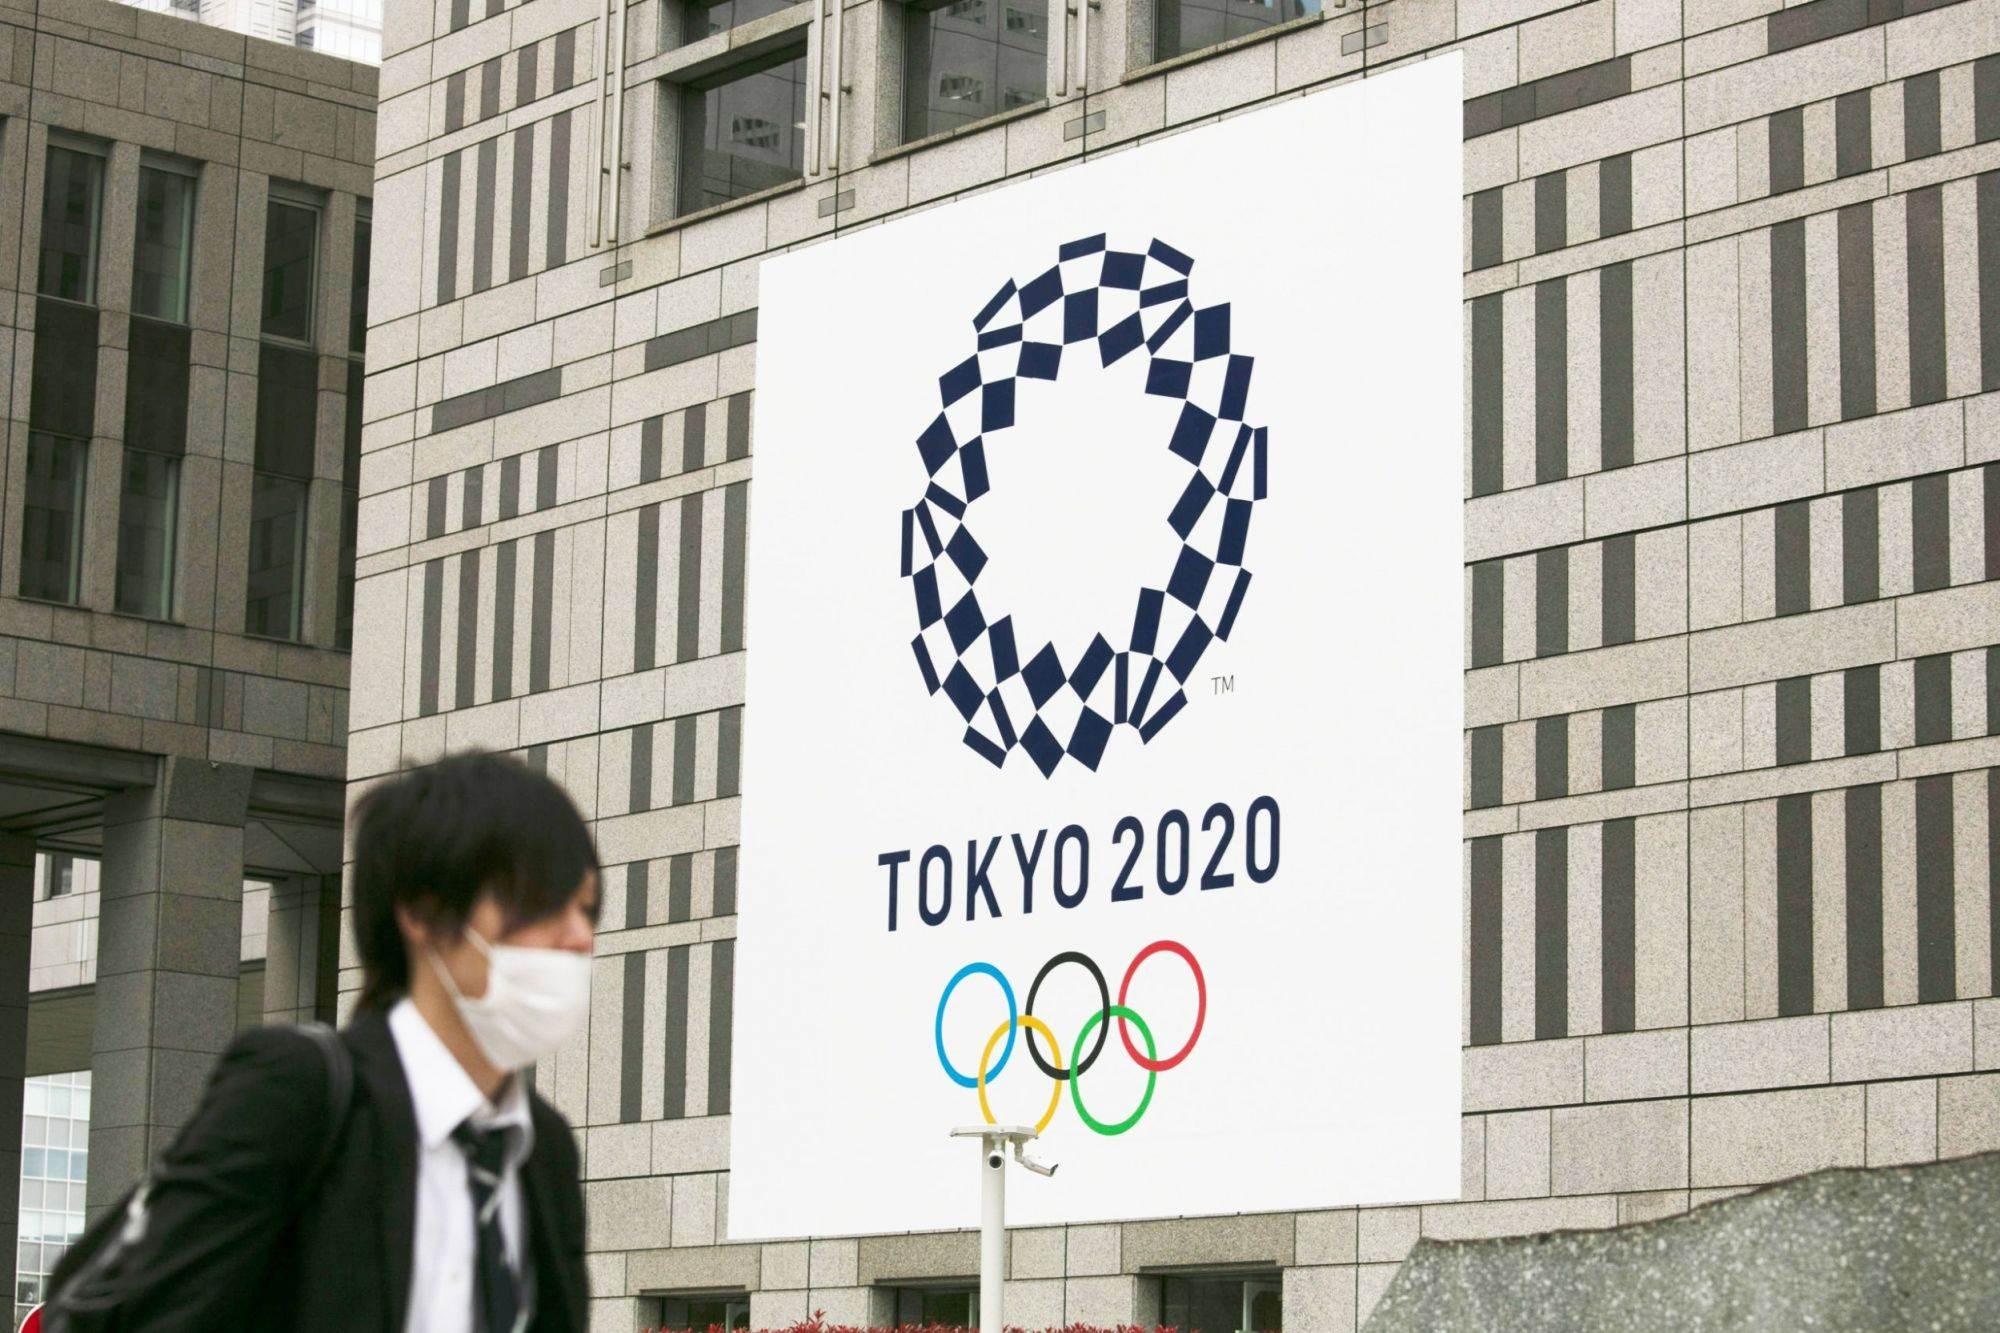 شعار الأولمبياد على احدى المباني (أرشيف)